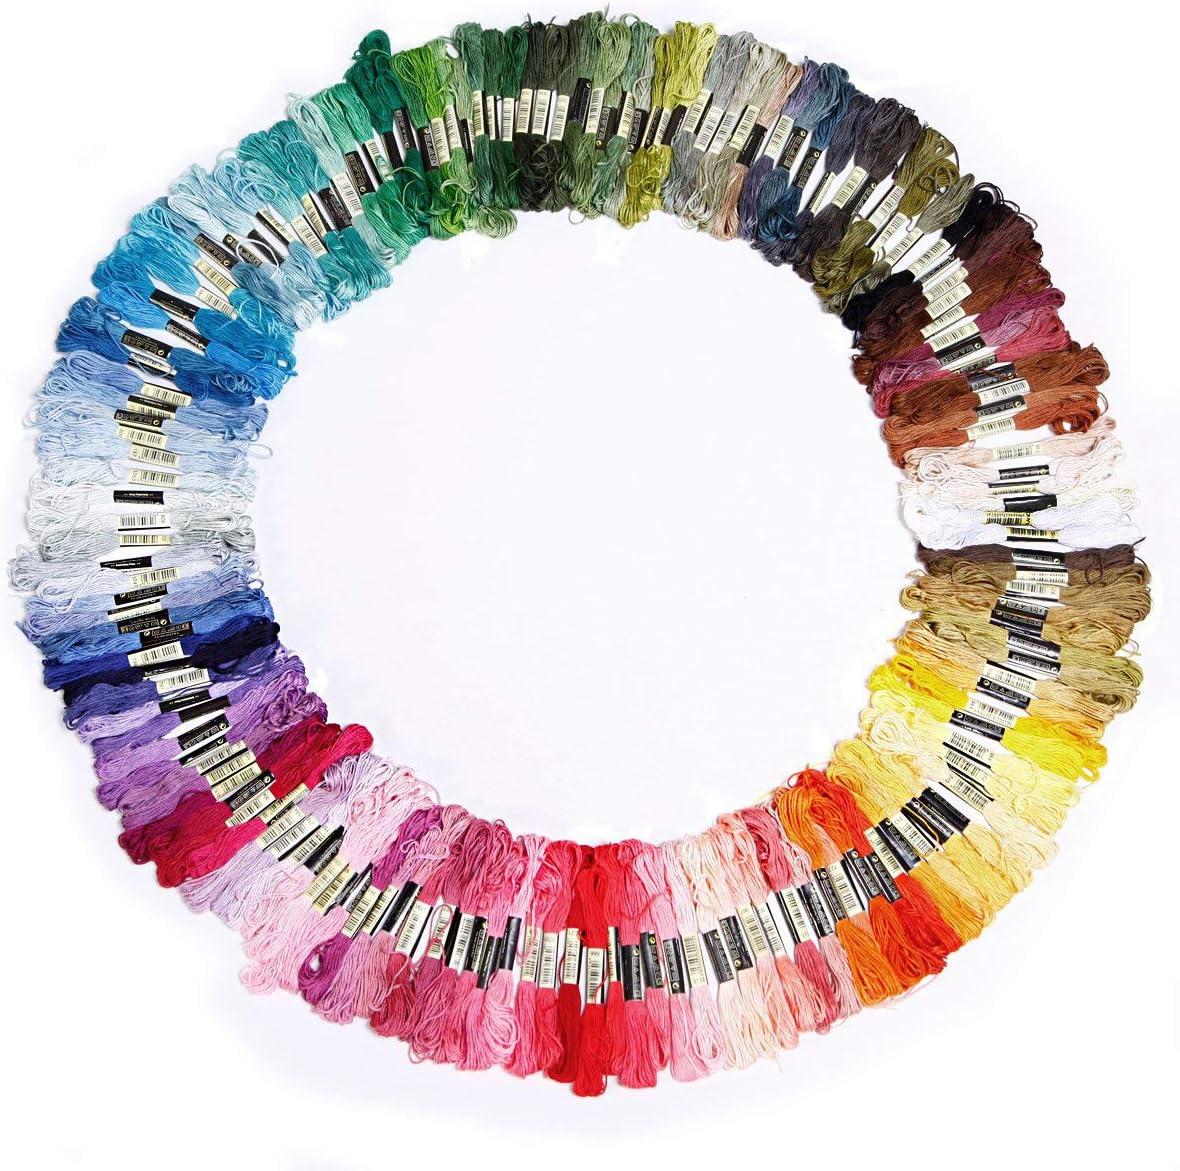 Surtido de 100 Hilos de Coser de Color para Bordados de Punto de Cruz Pulseras de Punto Set de 50 Madejas de Hilos para Punto de Cruz Manualidades